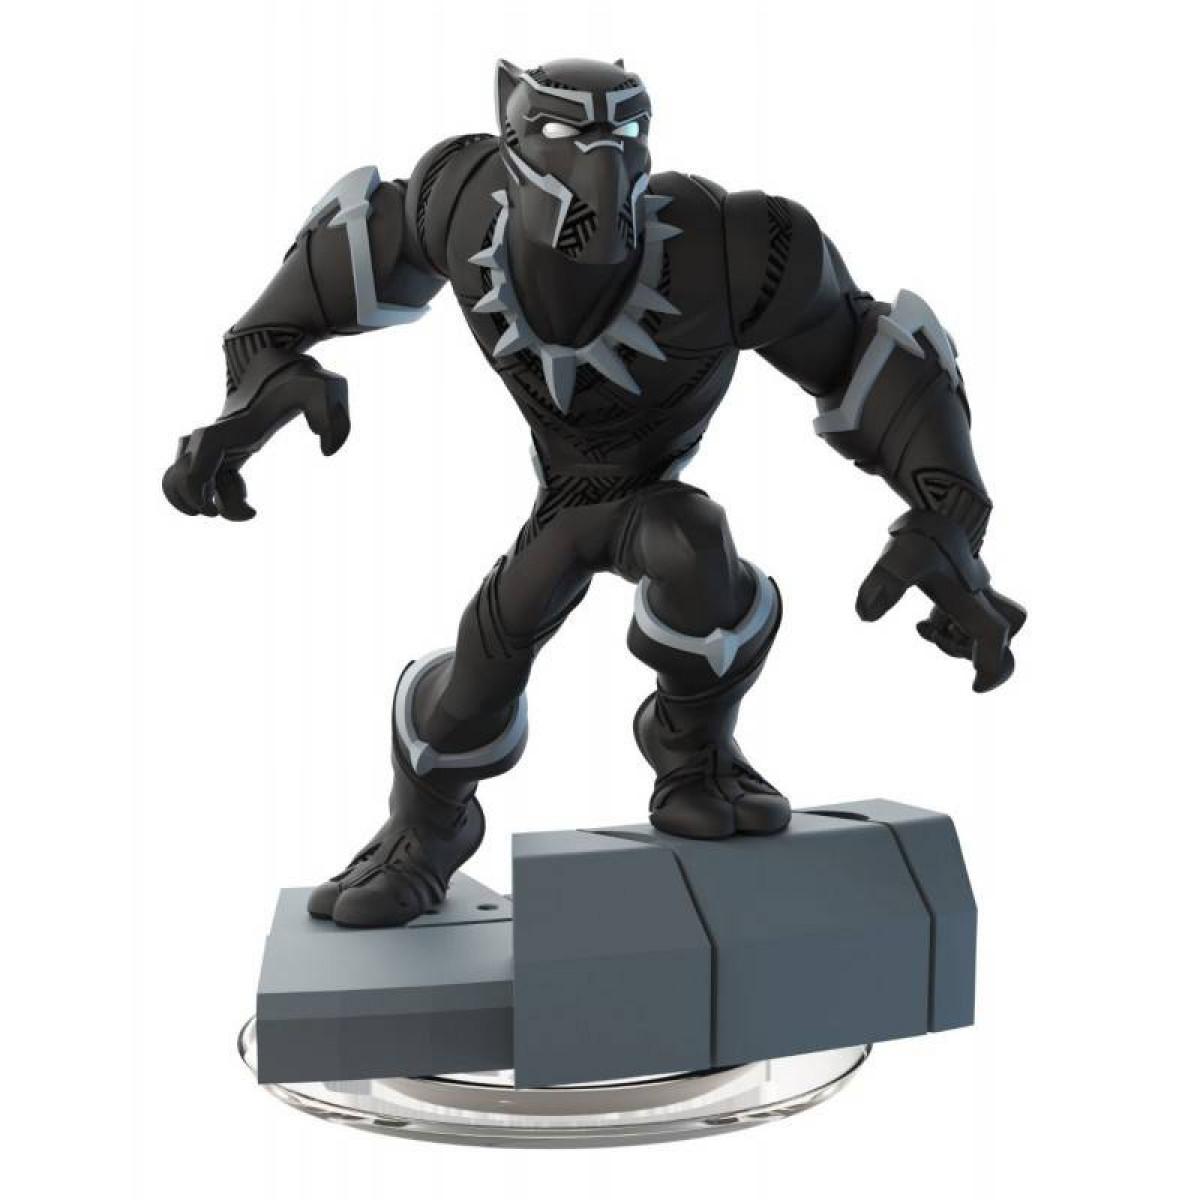 Disney Infinity 3.0 - Black Panther játékfigura